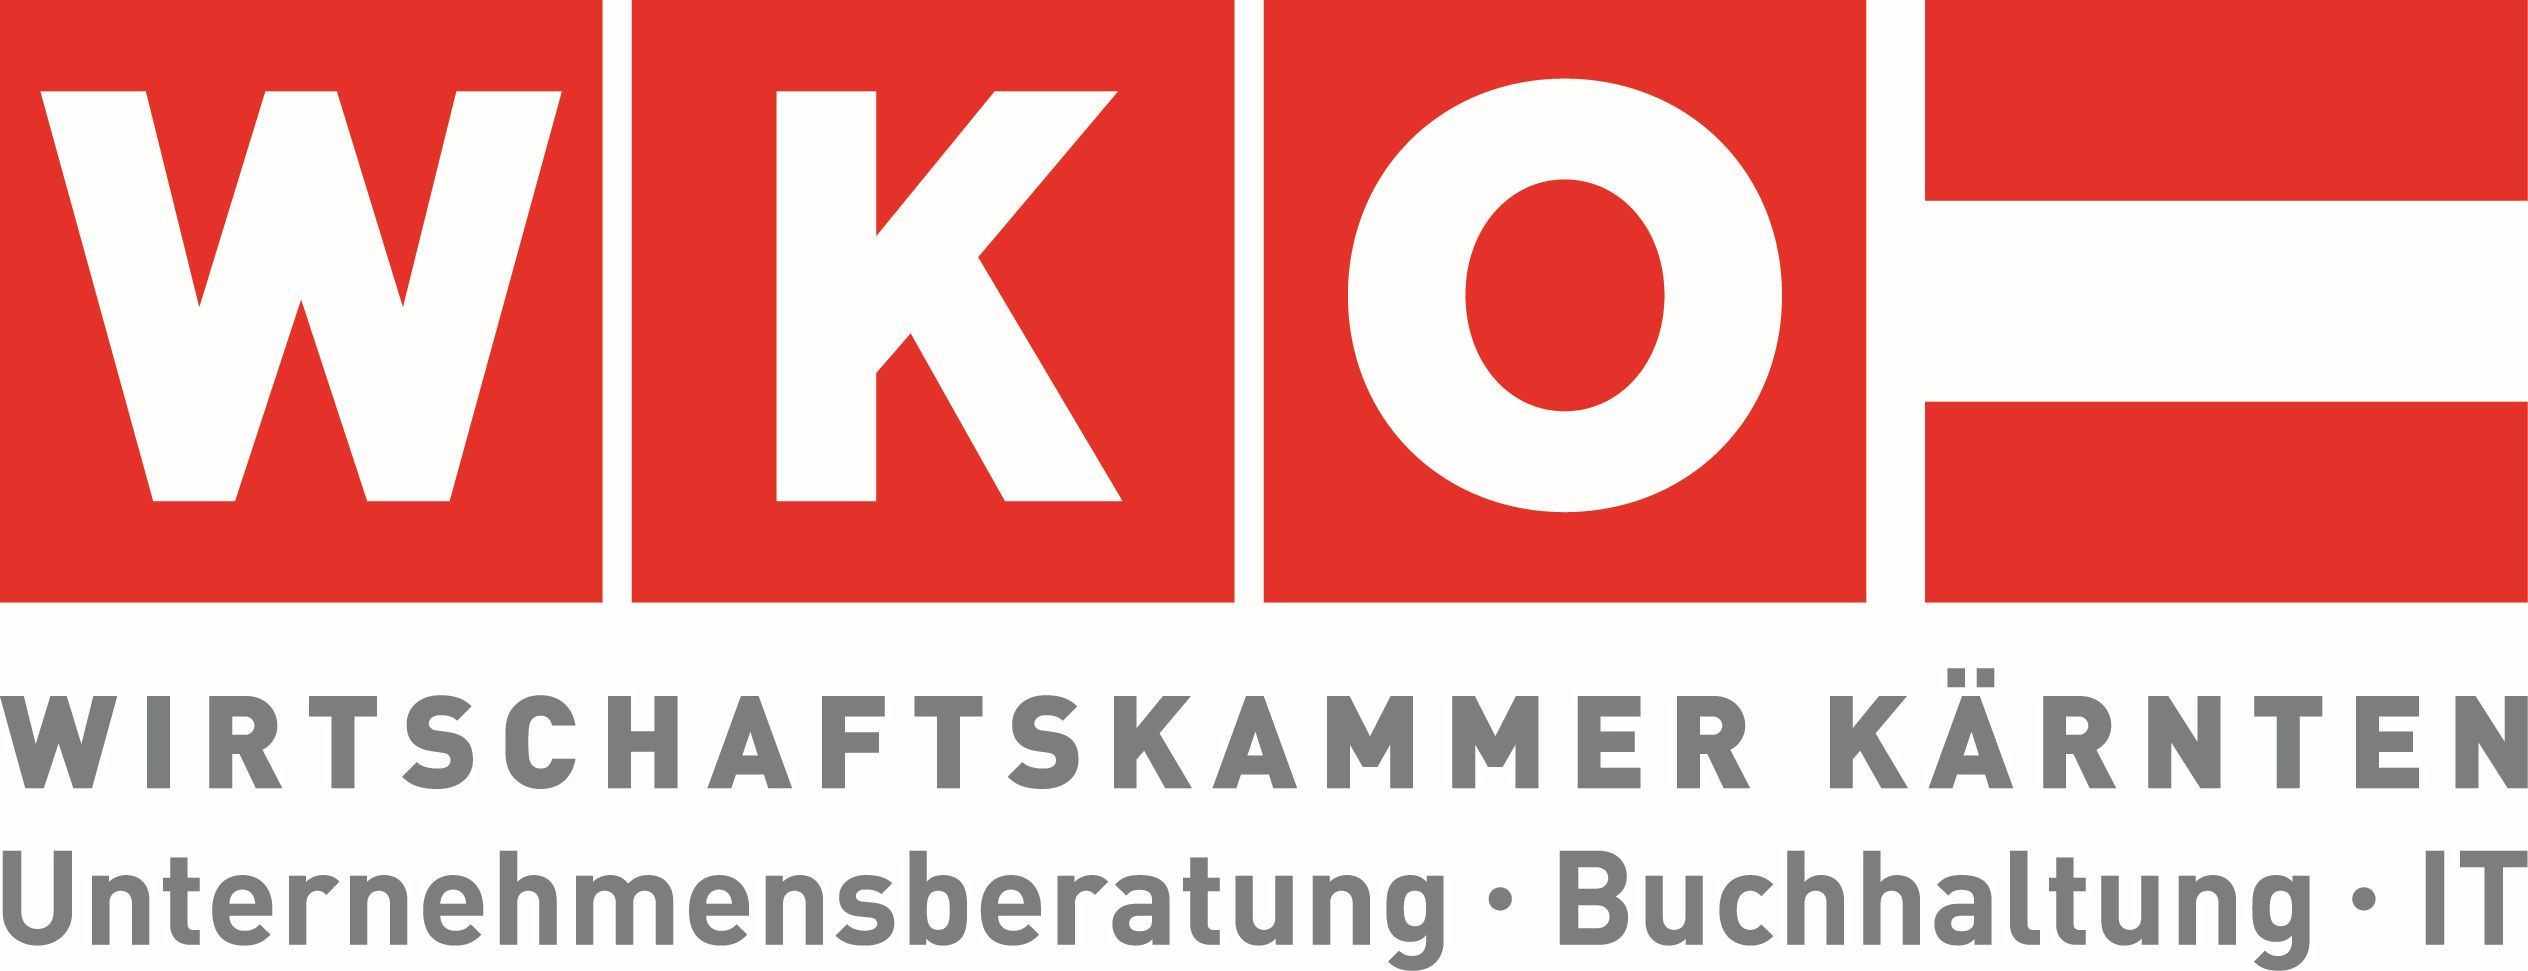 Wirtschaftskammer Kärnten - UBIT